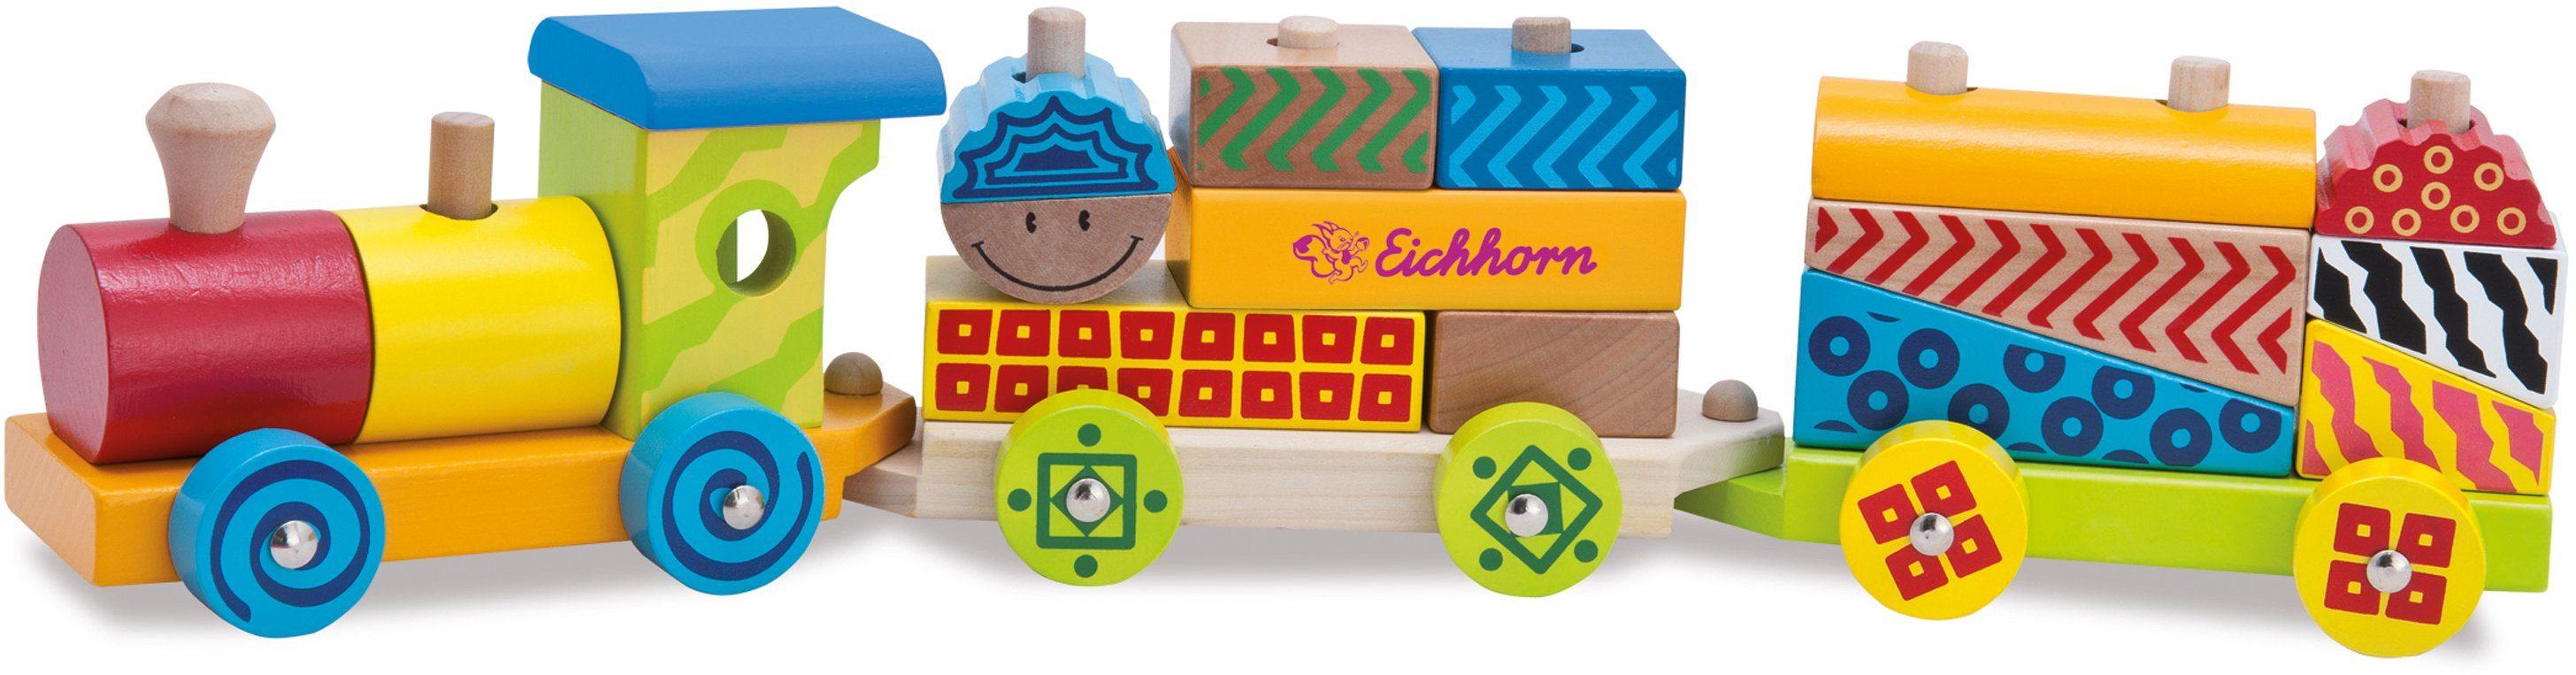 Eichhorn Holzbahn, »Color kleiner Zug, 18tlg.«